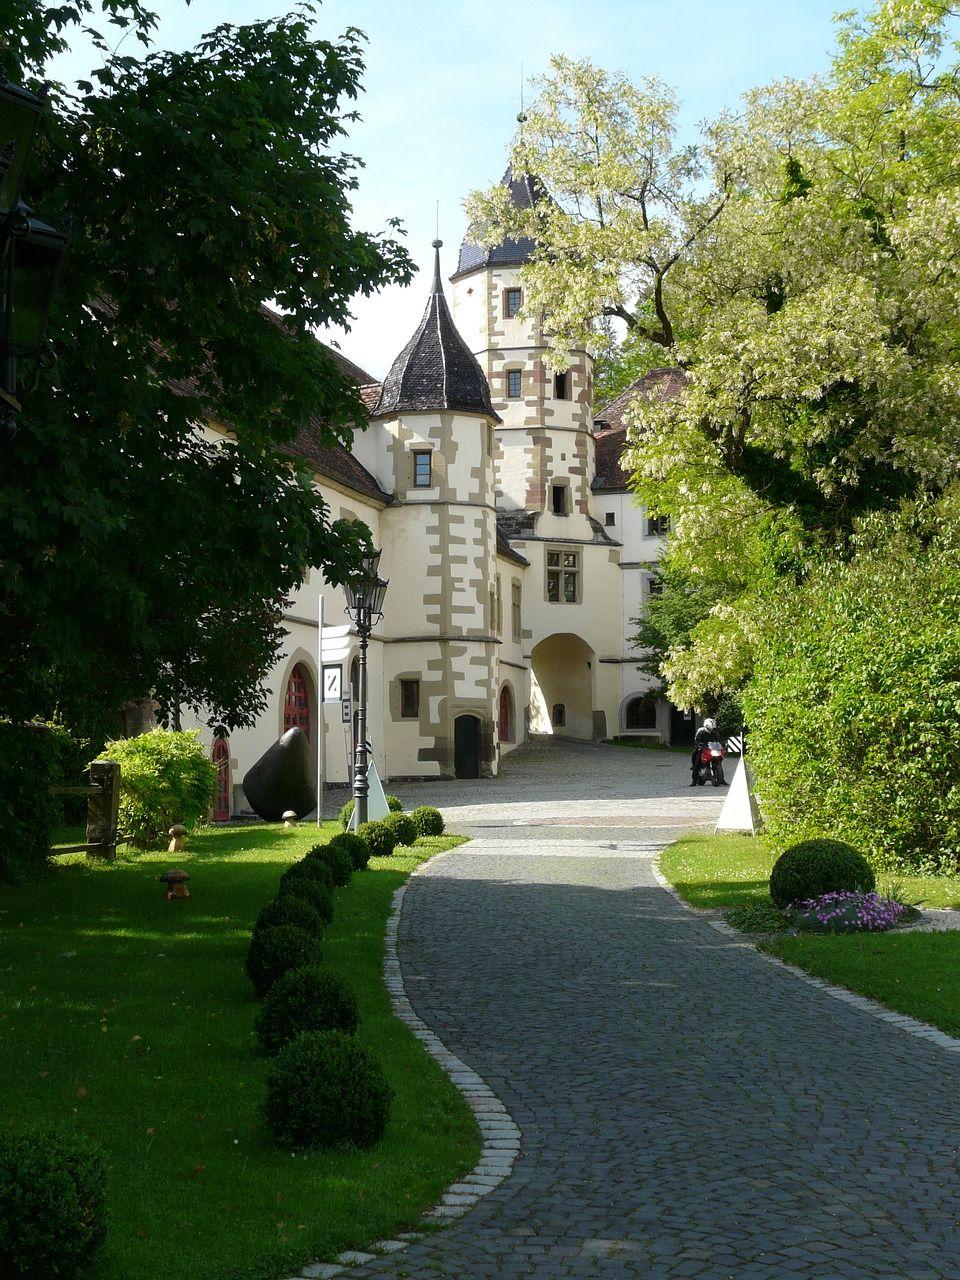 castle castle haigerloch haigerloch castle castle castle rh pinterest com